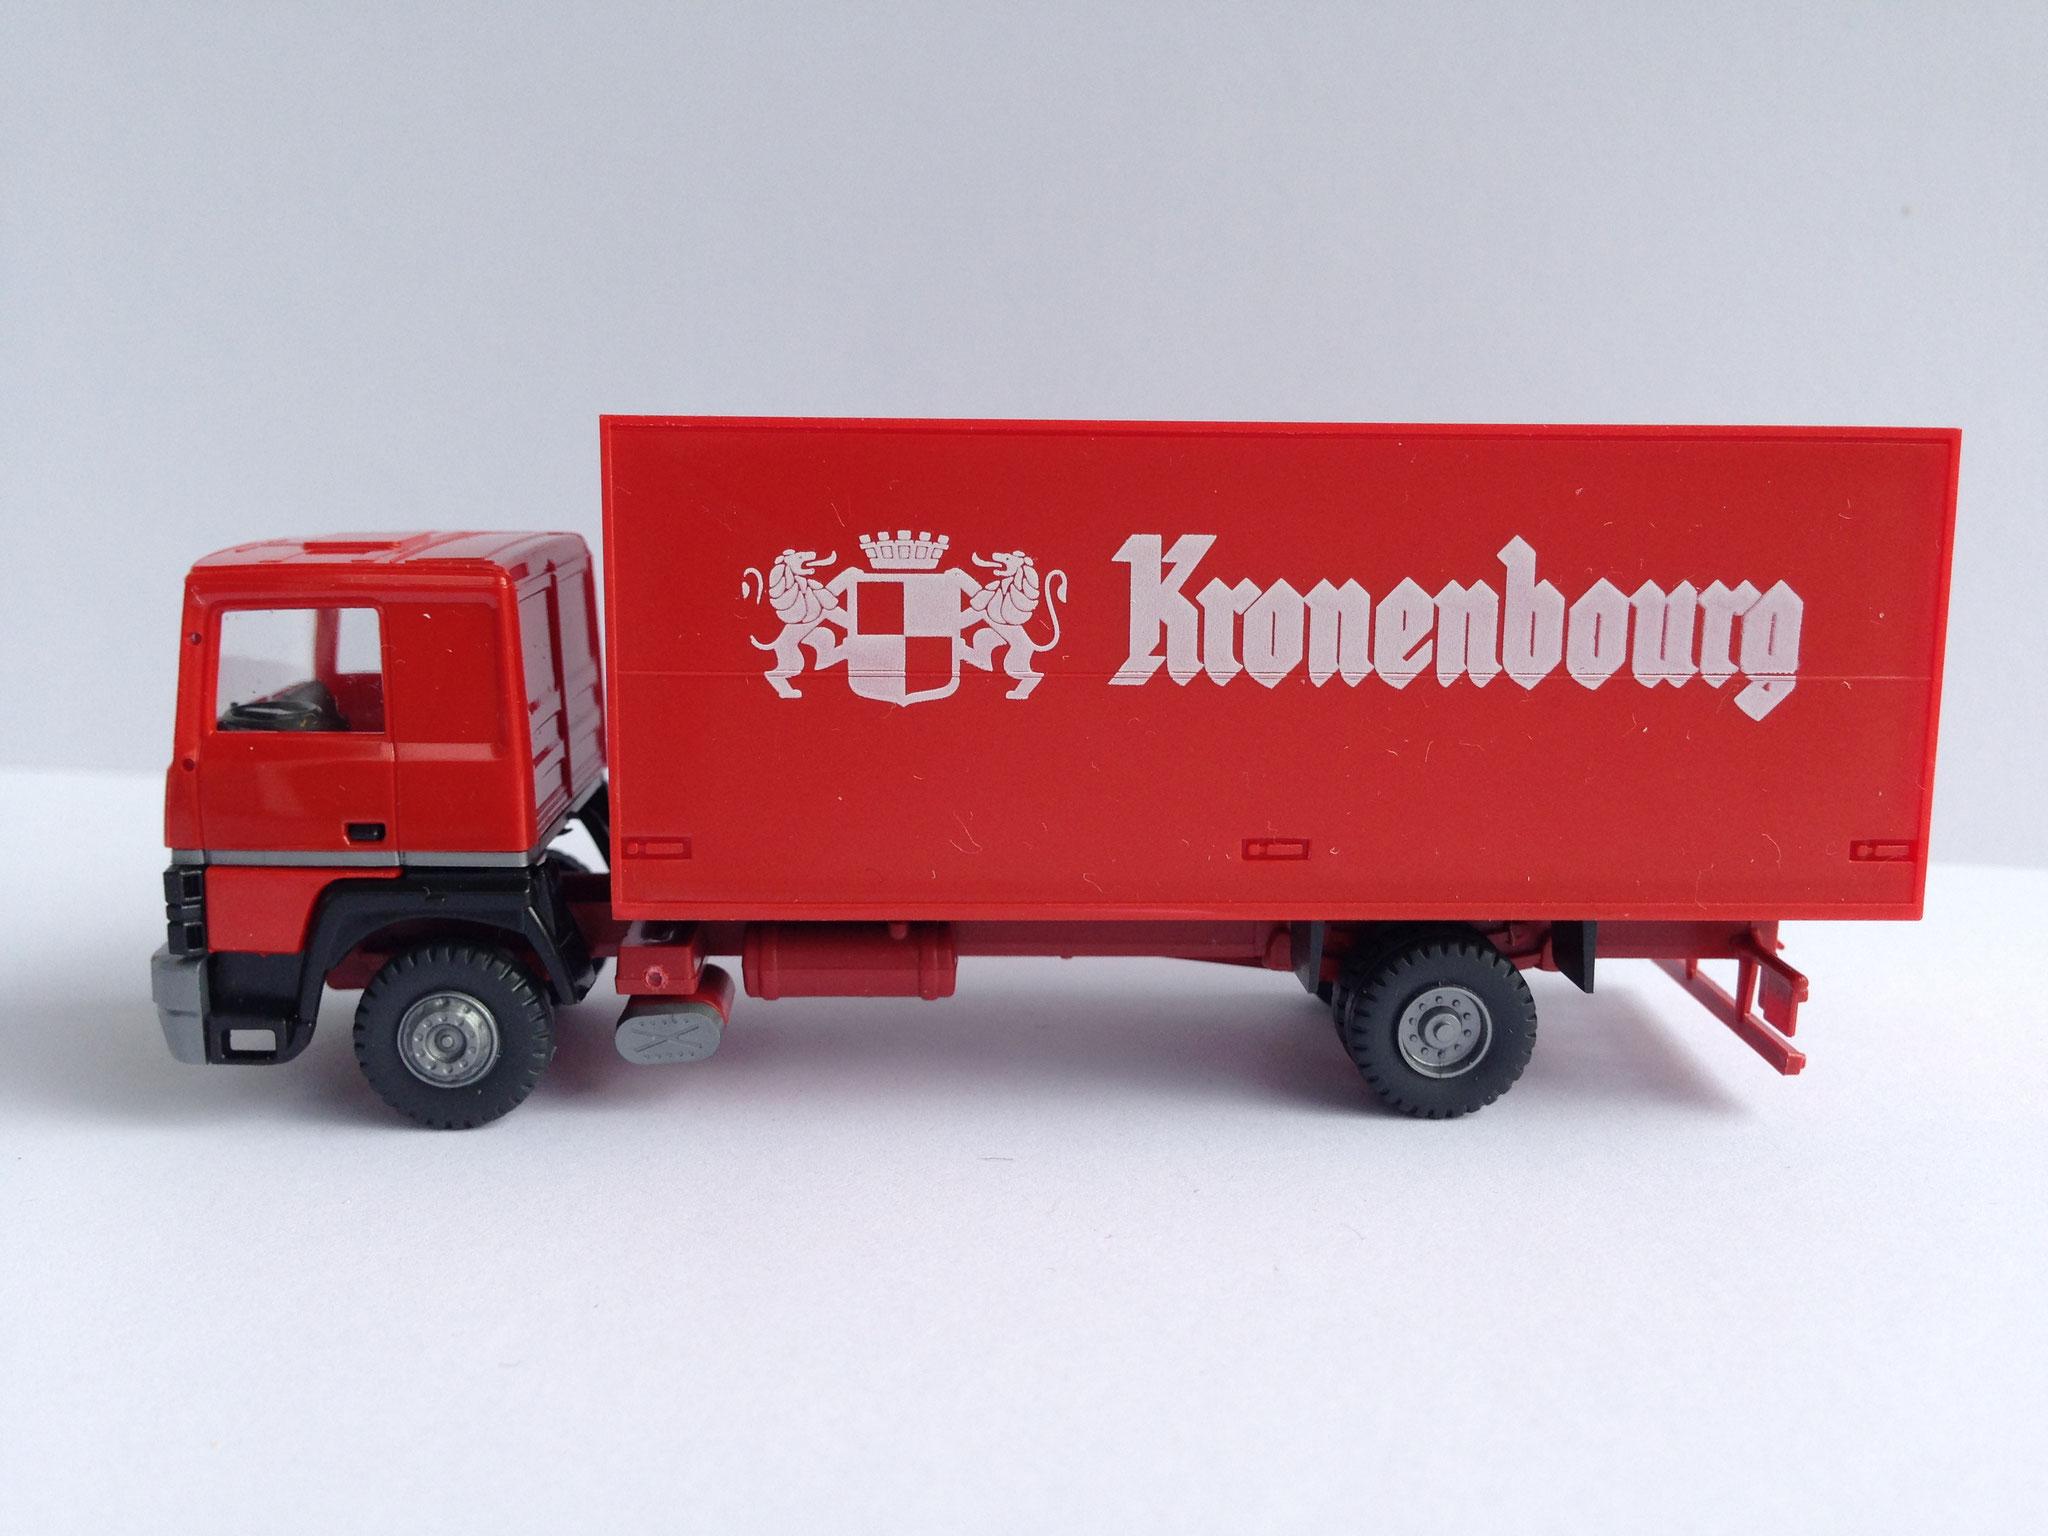 Kronenbourg 2-Achser Kasten, Art. Nr. 731 (ab 1987 im Programm)